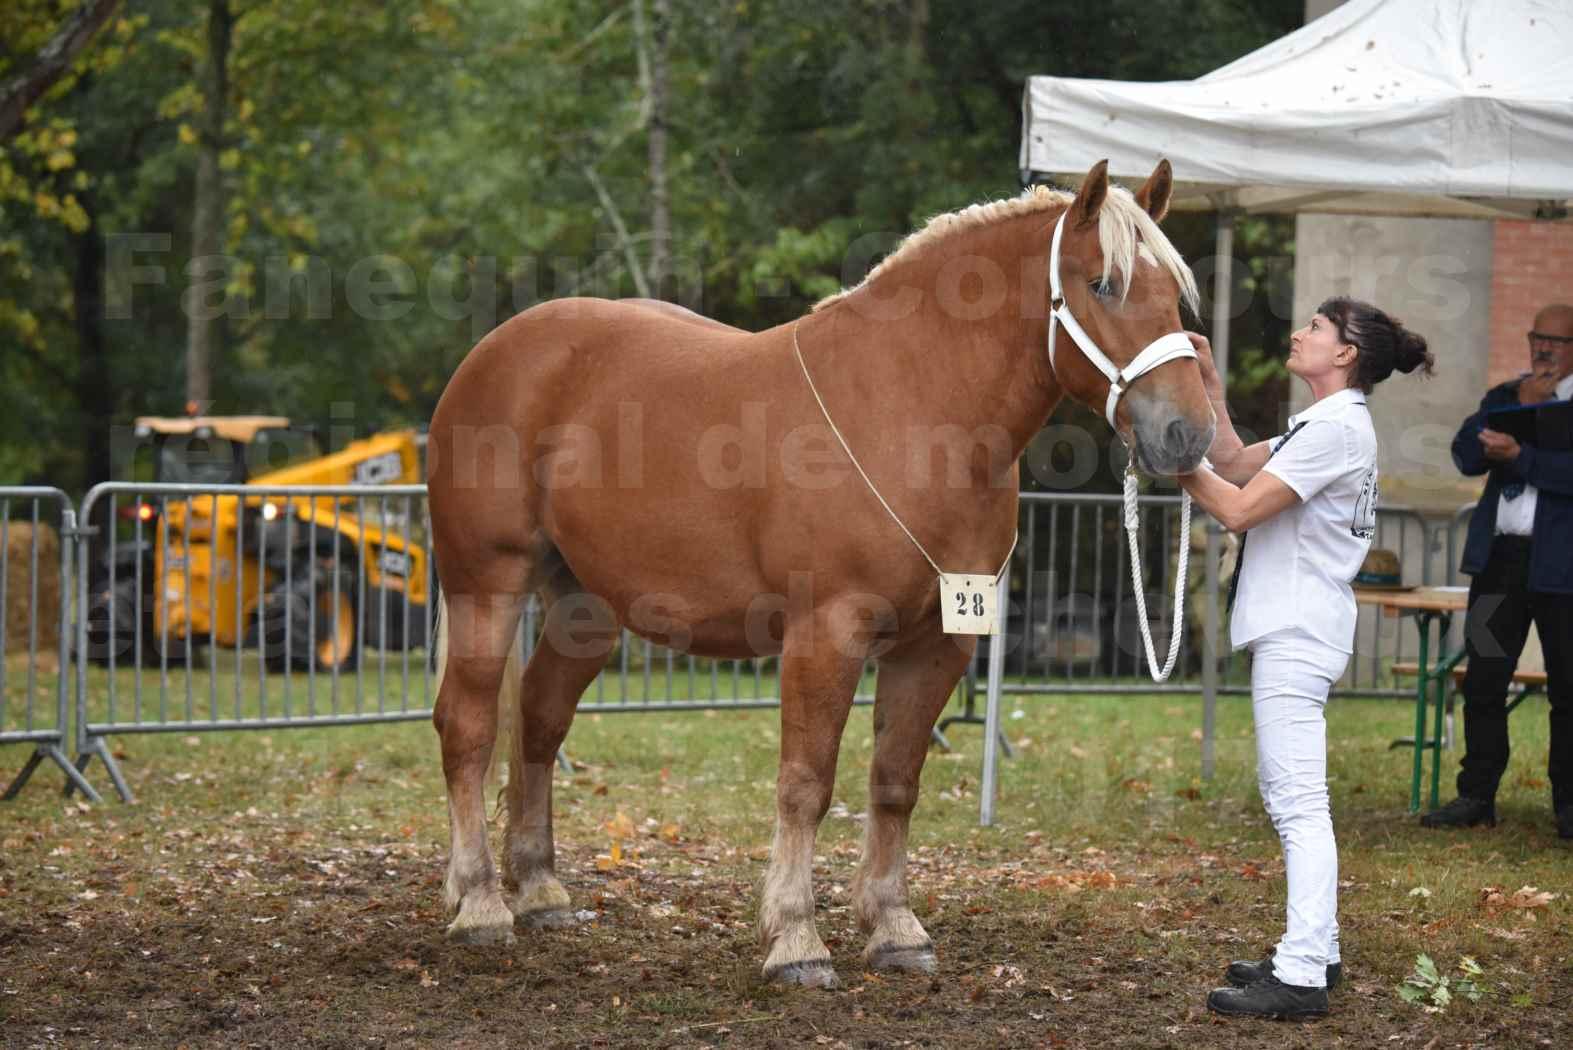 Concours Régional de chevaux de traits en 2017 - Trait COMTOIS - ETOILE 90 - 06